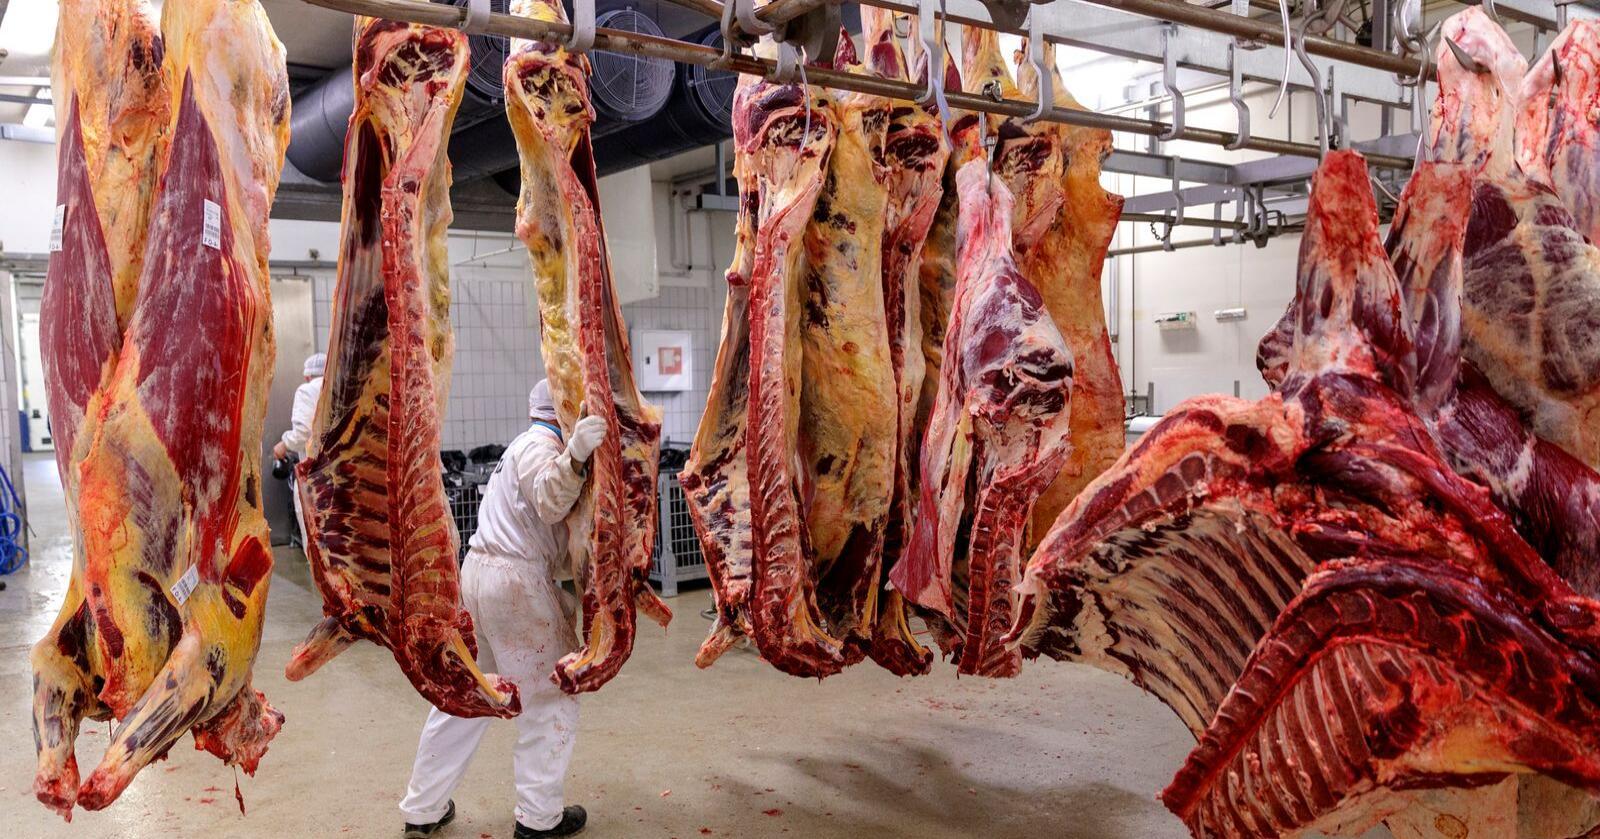 Folkehelseinstituttet har hjelpt kjøtindustrien med råd for korleis dei effektivt skal handheve smittevernreglane på fabrikkane. Illustrasjonsfoto: Cornelius Poppe / NTB scanpix / NPK